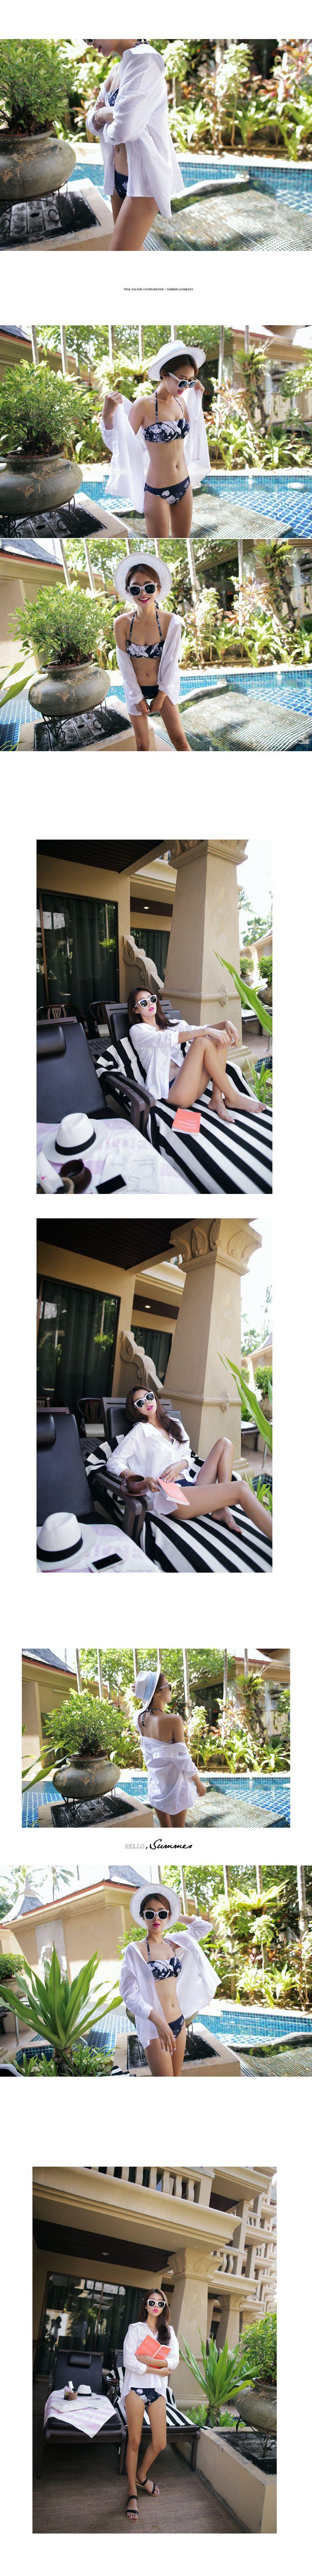 Vネックオーバーシャツ・全4色シャツ・ブラウスシャツ|レディースファッション通販 DHOLICディーホリック [ファストファッション 水着 ワンピース]